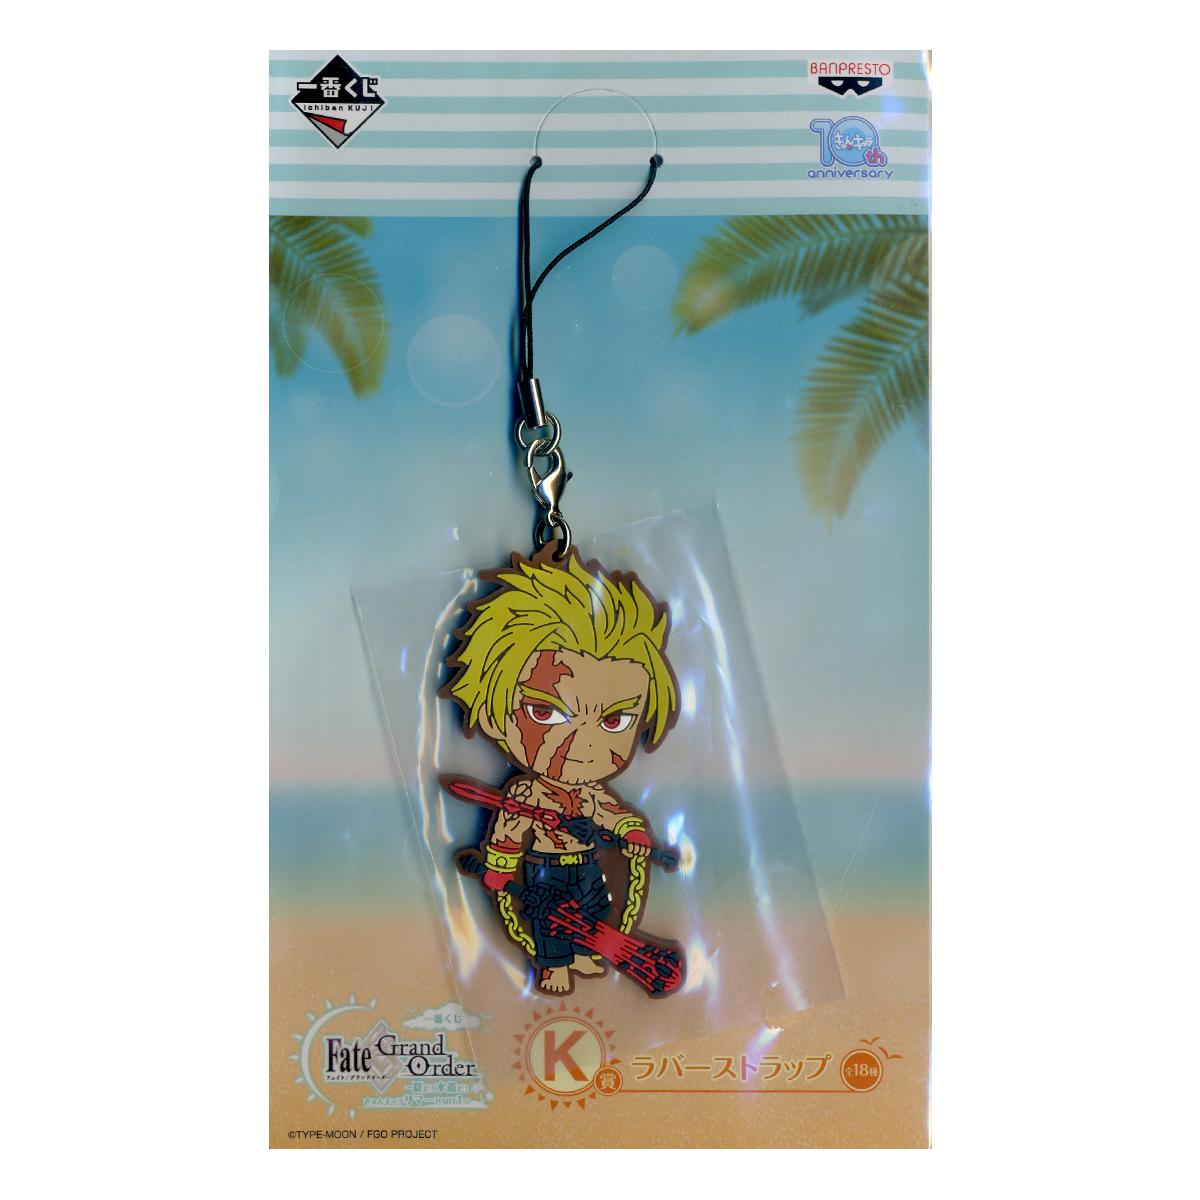 Archer, Gilgamesh Strap Keychain Fate Grand Order K Award Kyun Chara Summer PART 1  Ichiban kuji Lottery Banpresto